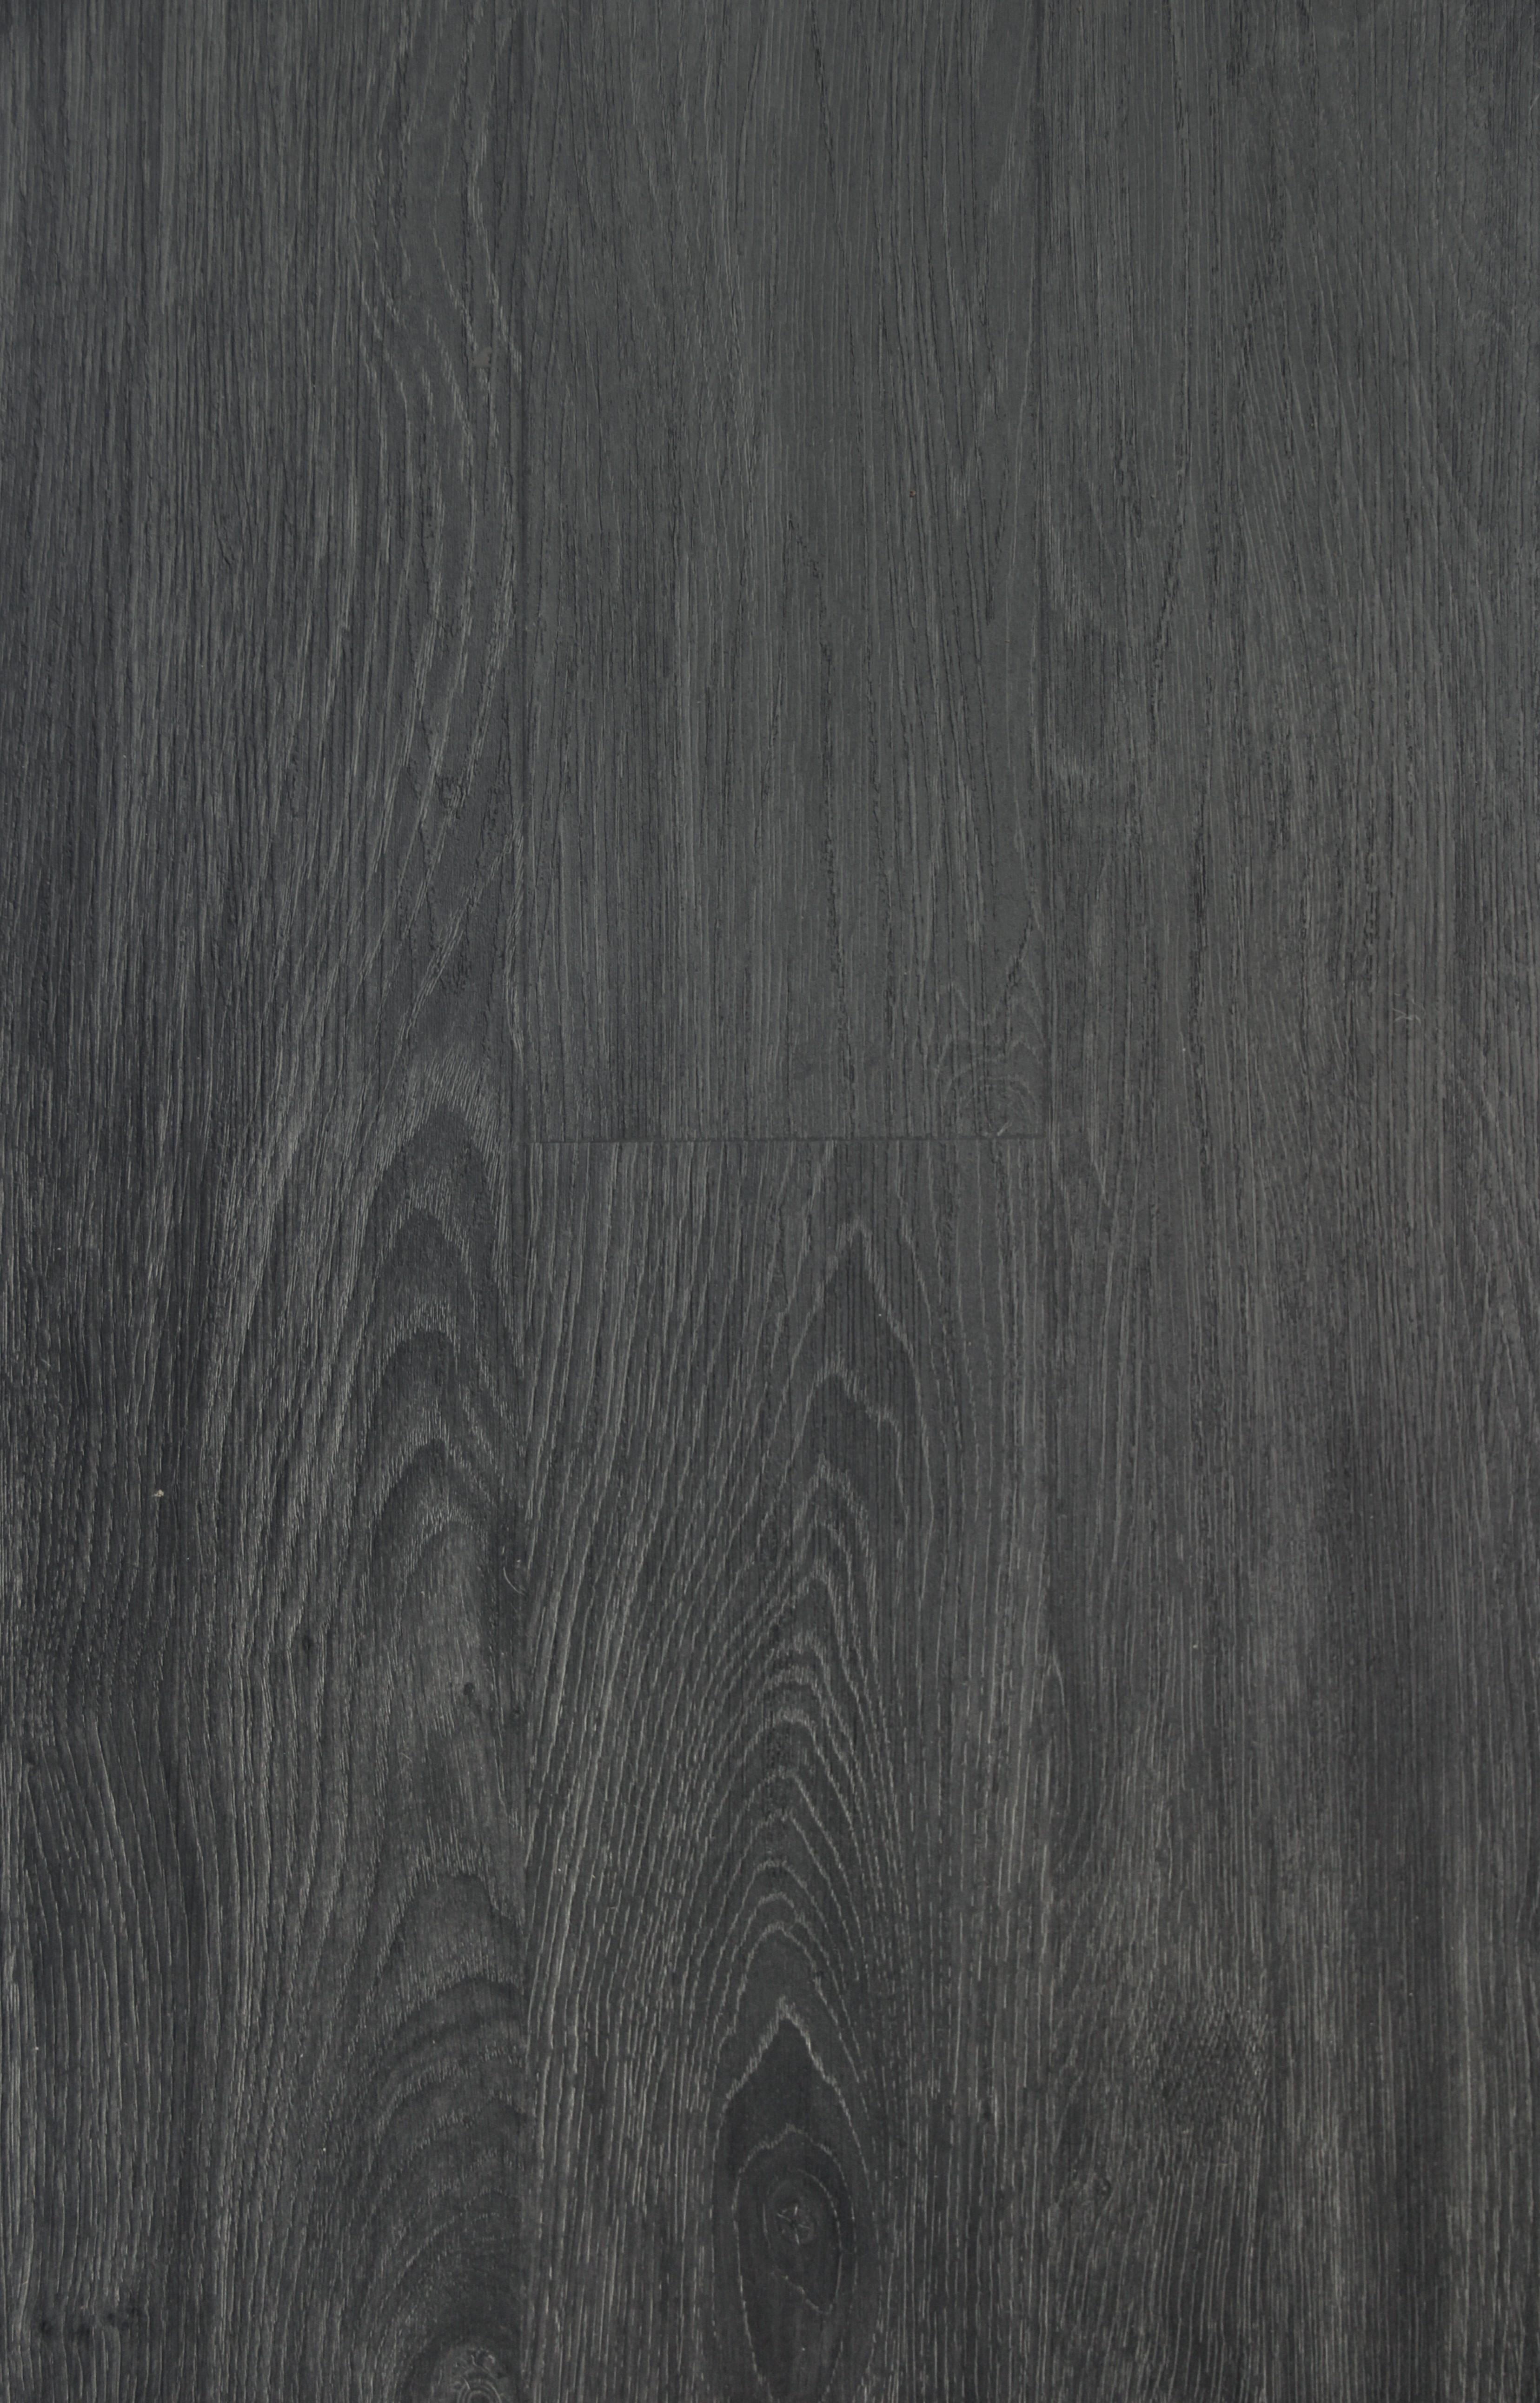 Lames Pvc Clipsables Victoria Black Compatibles Pieces Humides